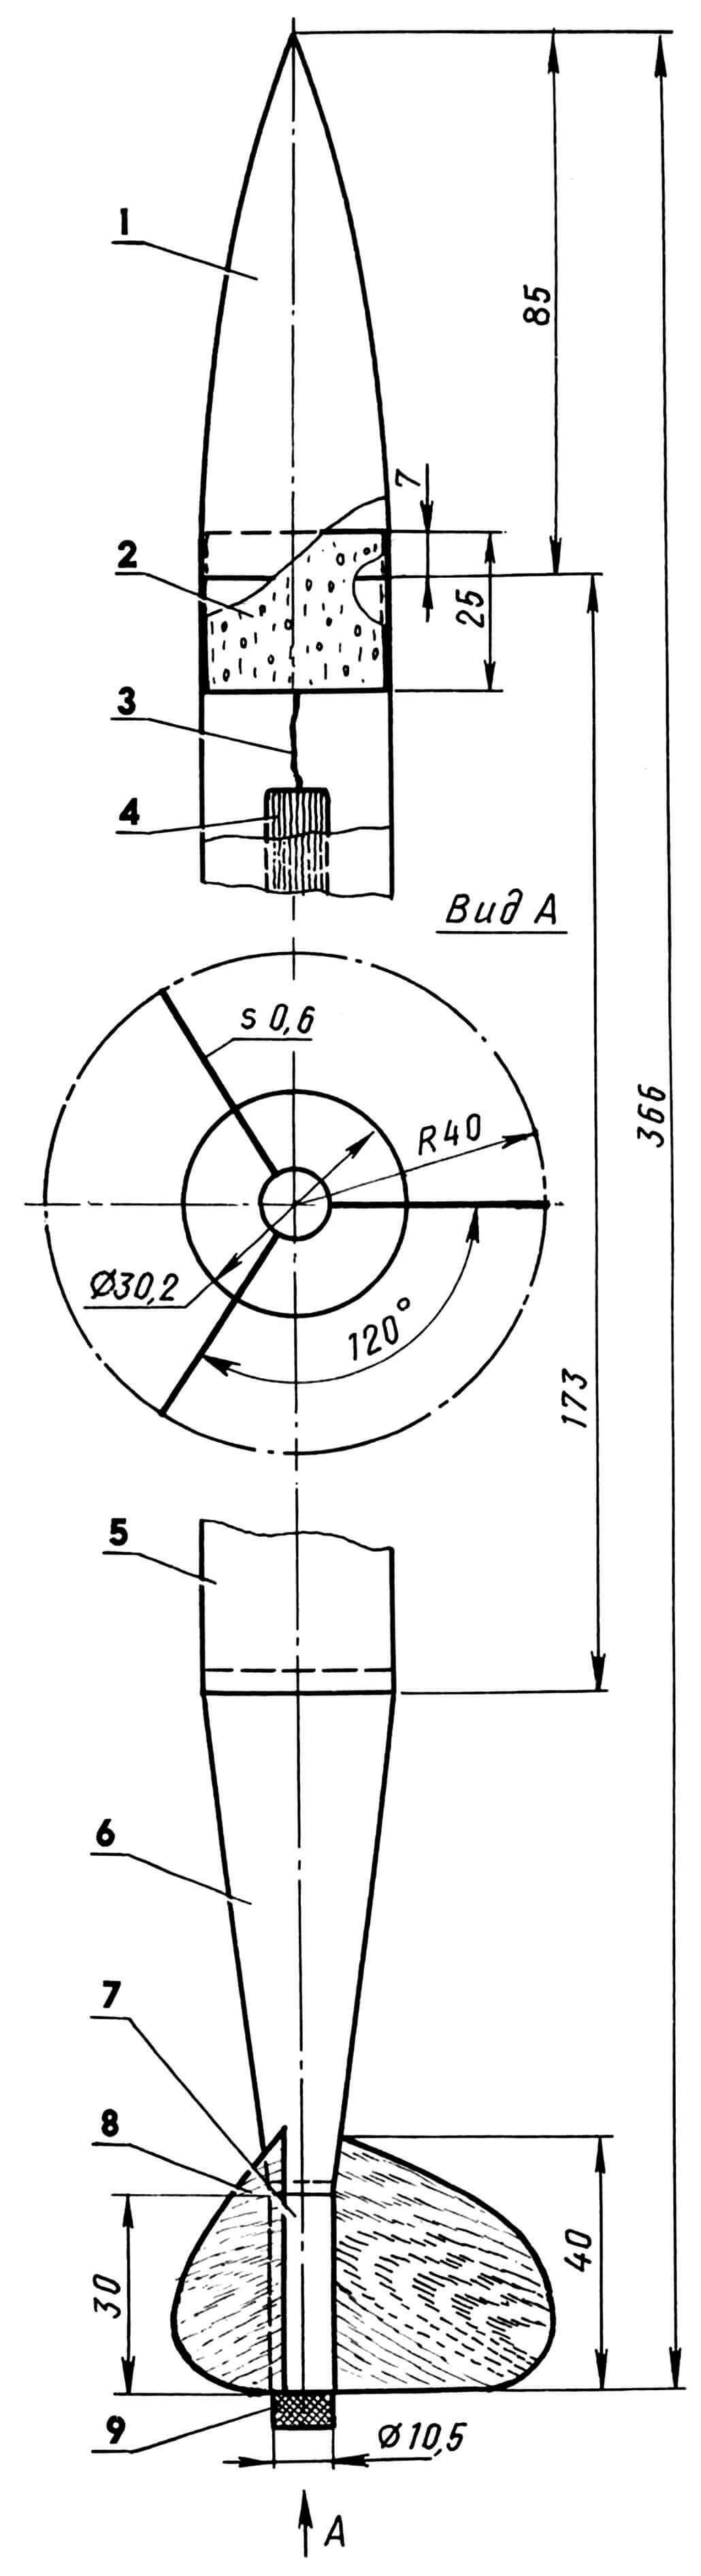 Универсальная спортивная модель ракеты (S3A и S6A): 1 — обтекатель головной; 2 — втулка; 3 — нить подвески системы спасения; 4 — система спасения модели; 5 — корпус; 6 — конус хвостовой; 7 — блок двигательный; 8 — стабилизатор; 9 — МРД.